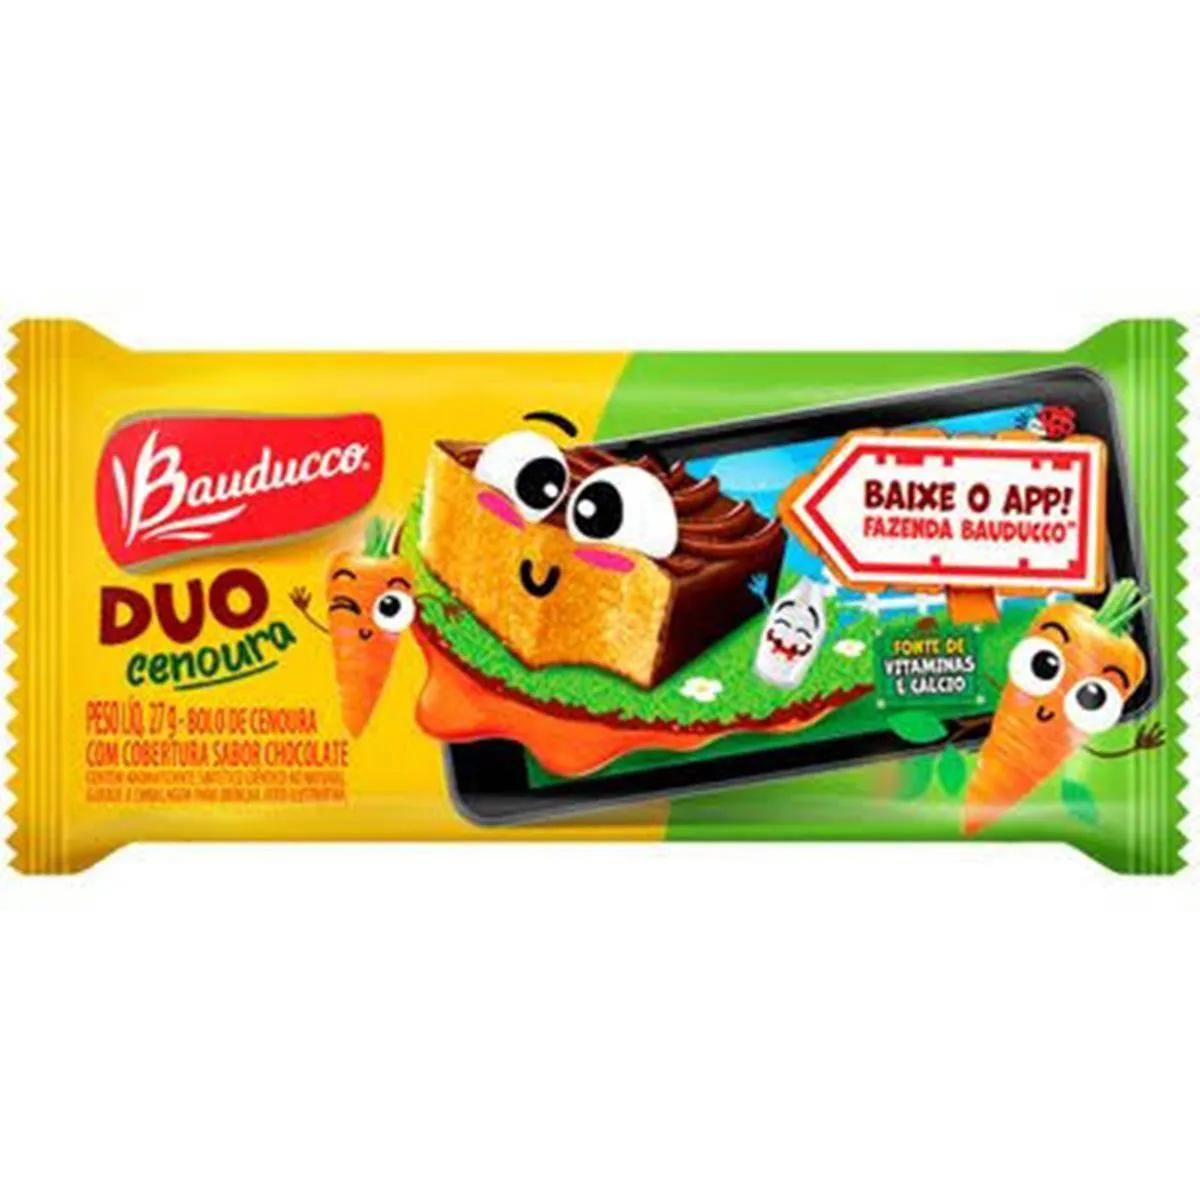 Bolinho Duo Cenoura Com Chocolate C/15un 27g - Bauducco